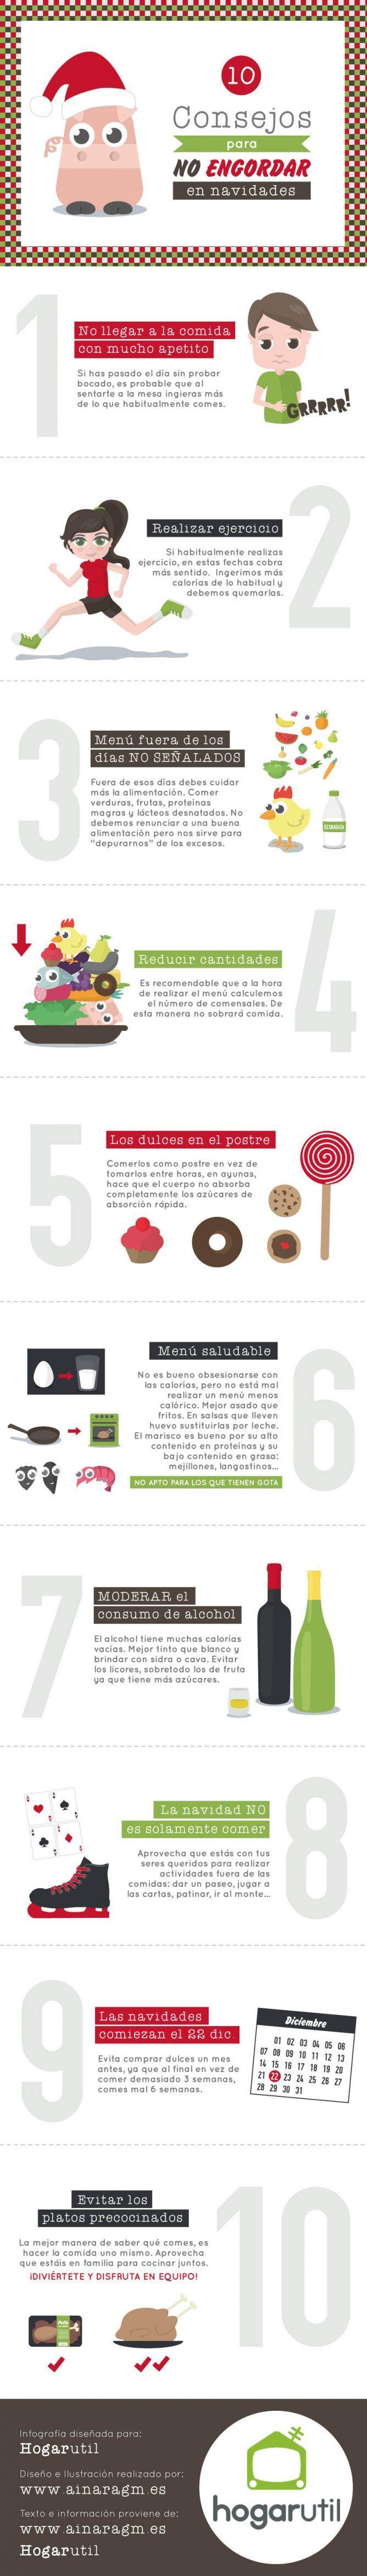 infografía consejos para no engordar en navidad